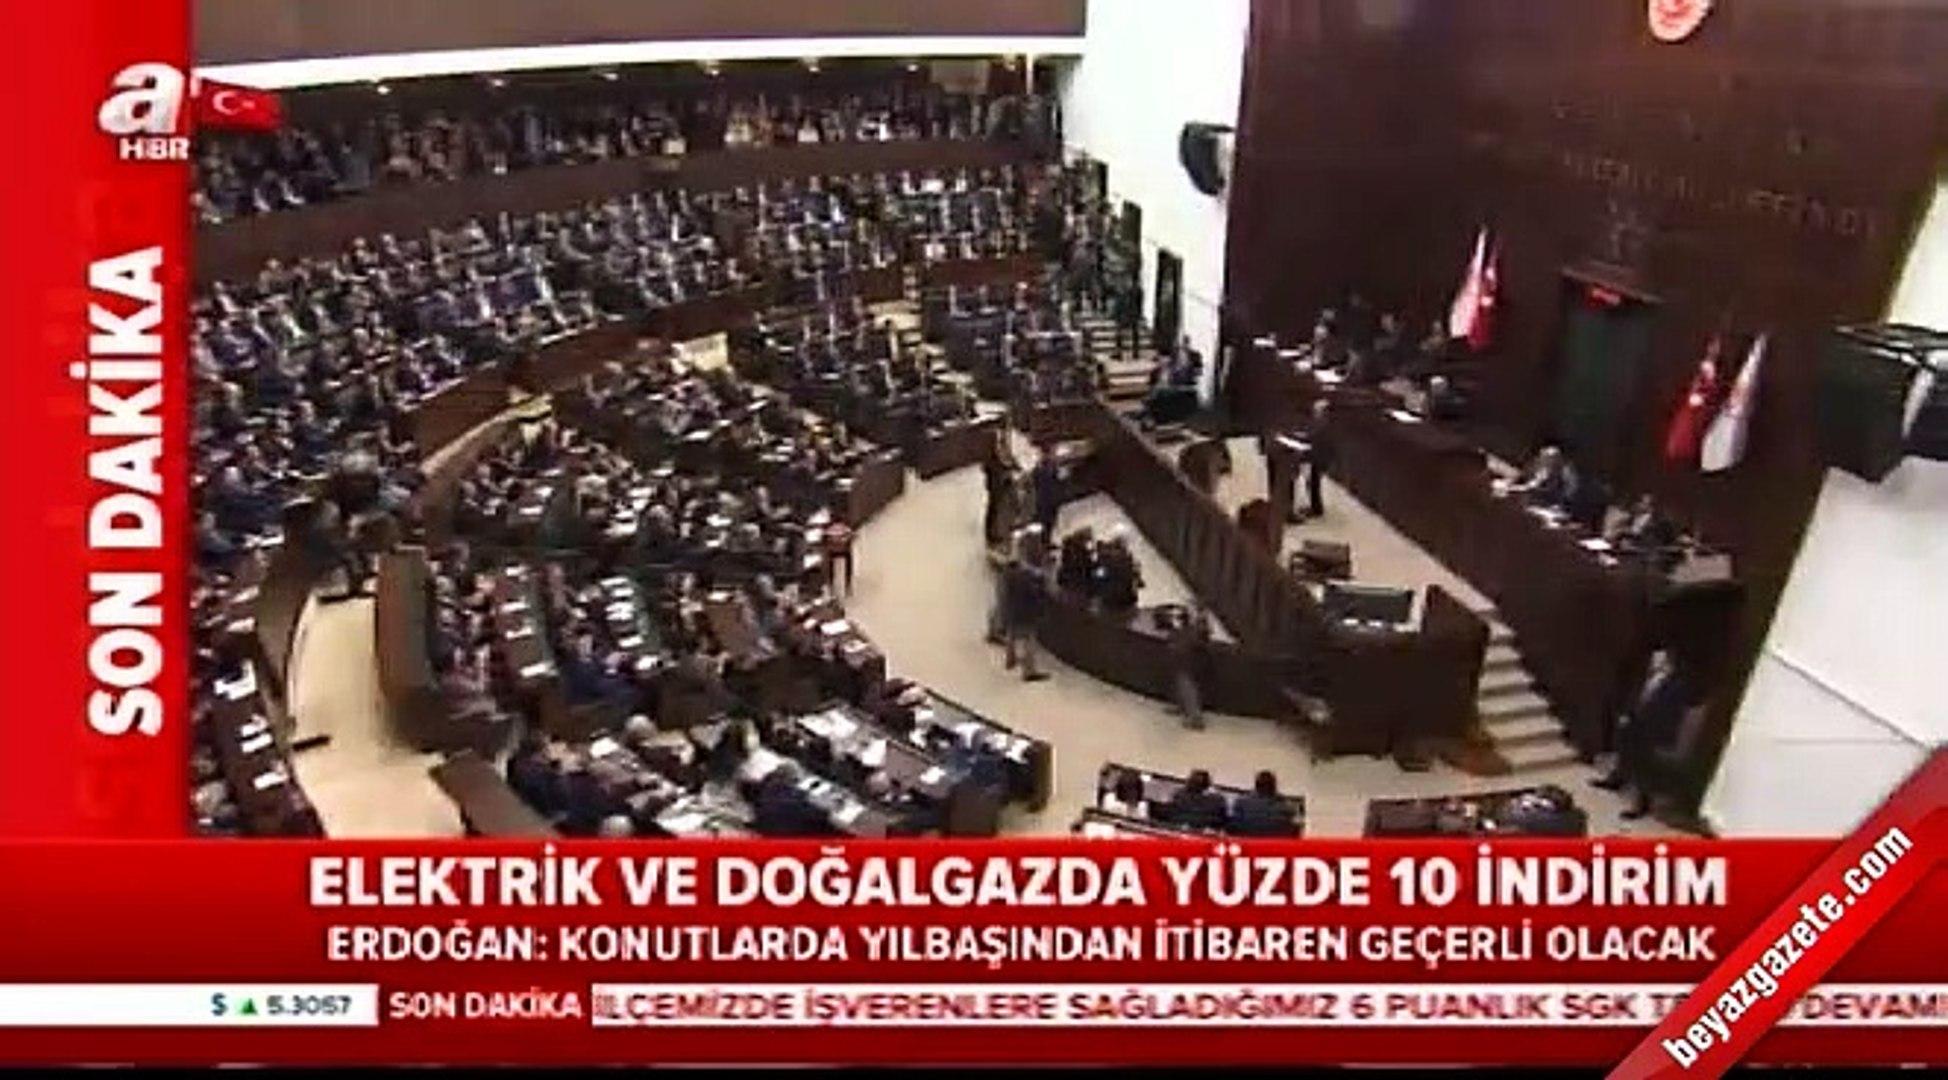 Erdoğan açıkladı: Elektrik ve doğal gazda yüzde 10 indirim